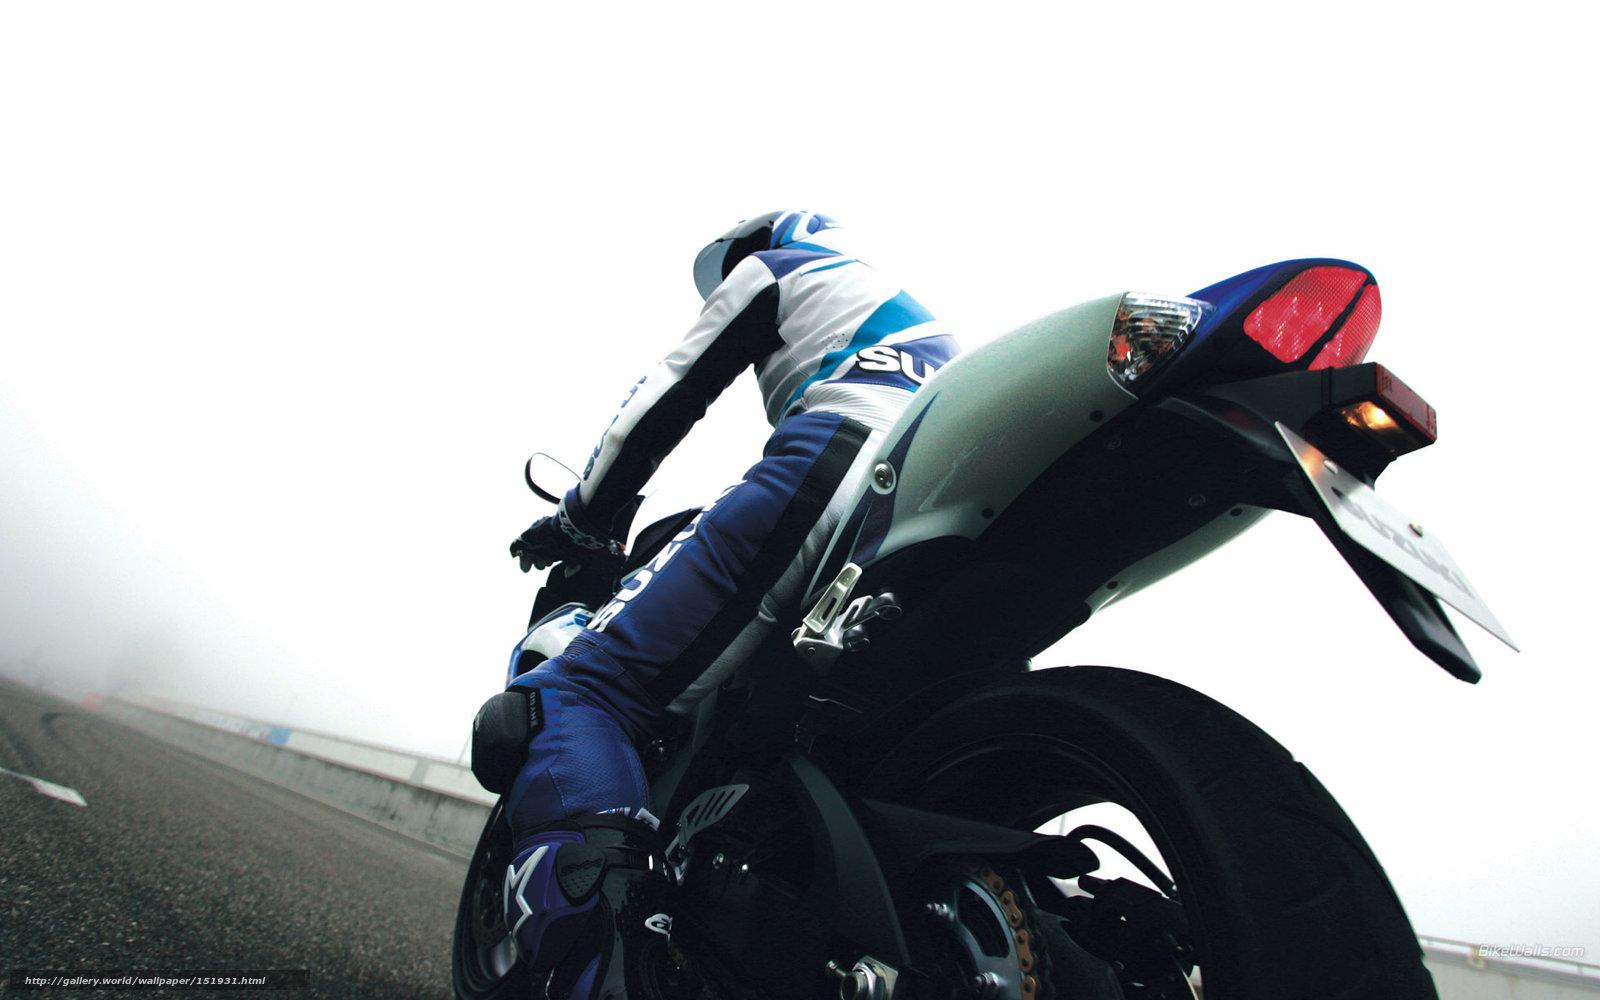 suzuki supersport gsx r750 - photo #45